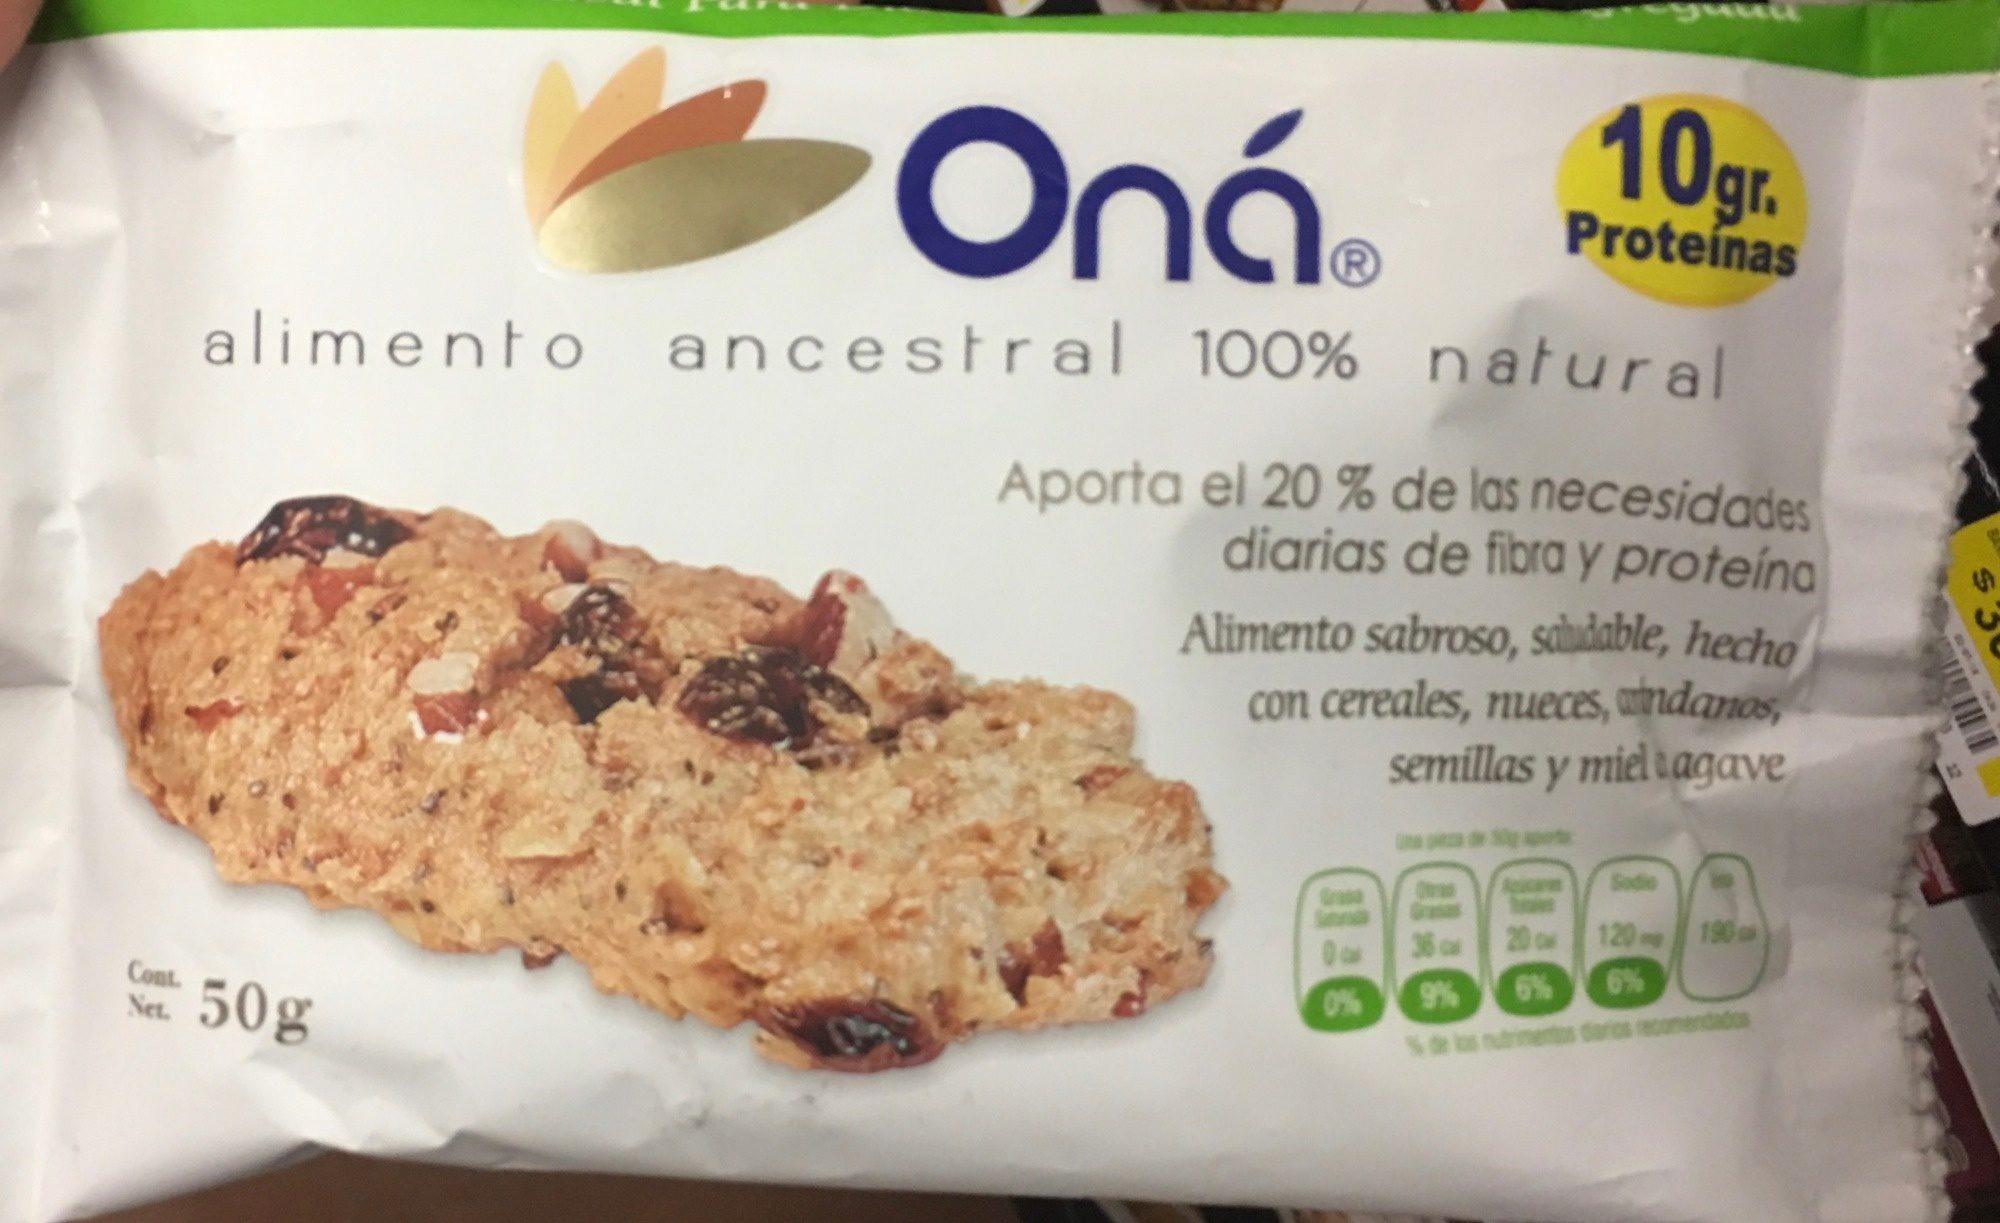 alimento ancestral - Produit - es